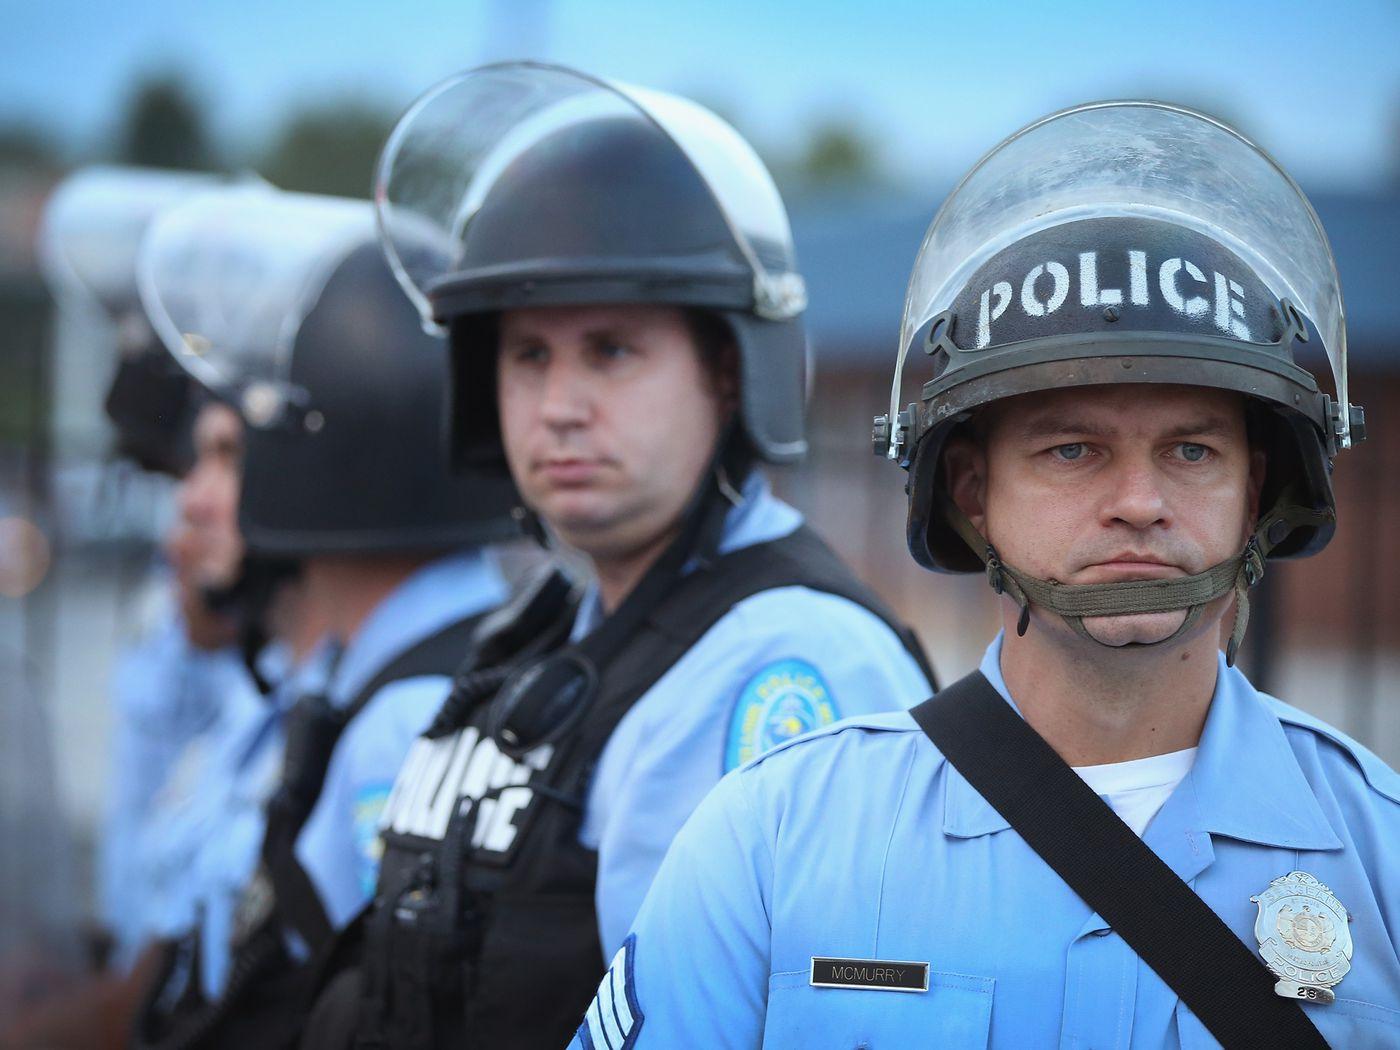 Police Officer/'s Helmet